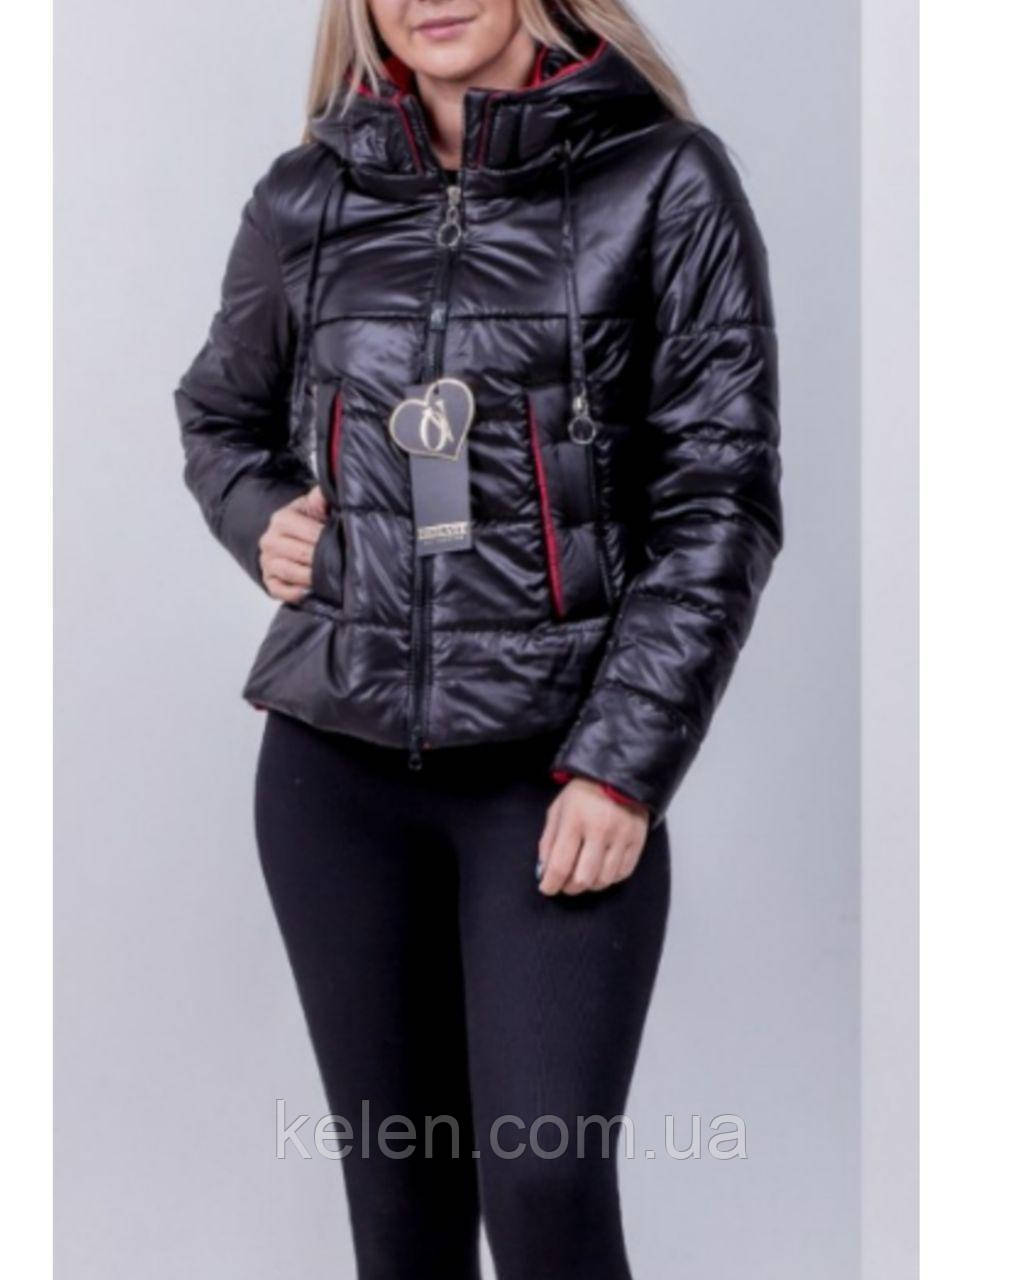 Куртка демісезонна колір темний хакі 42-44-46 розміри